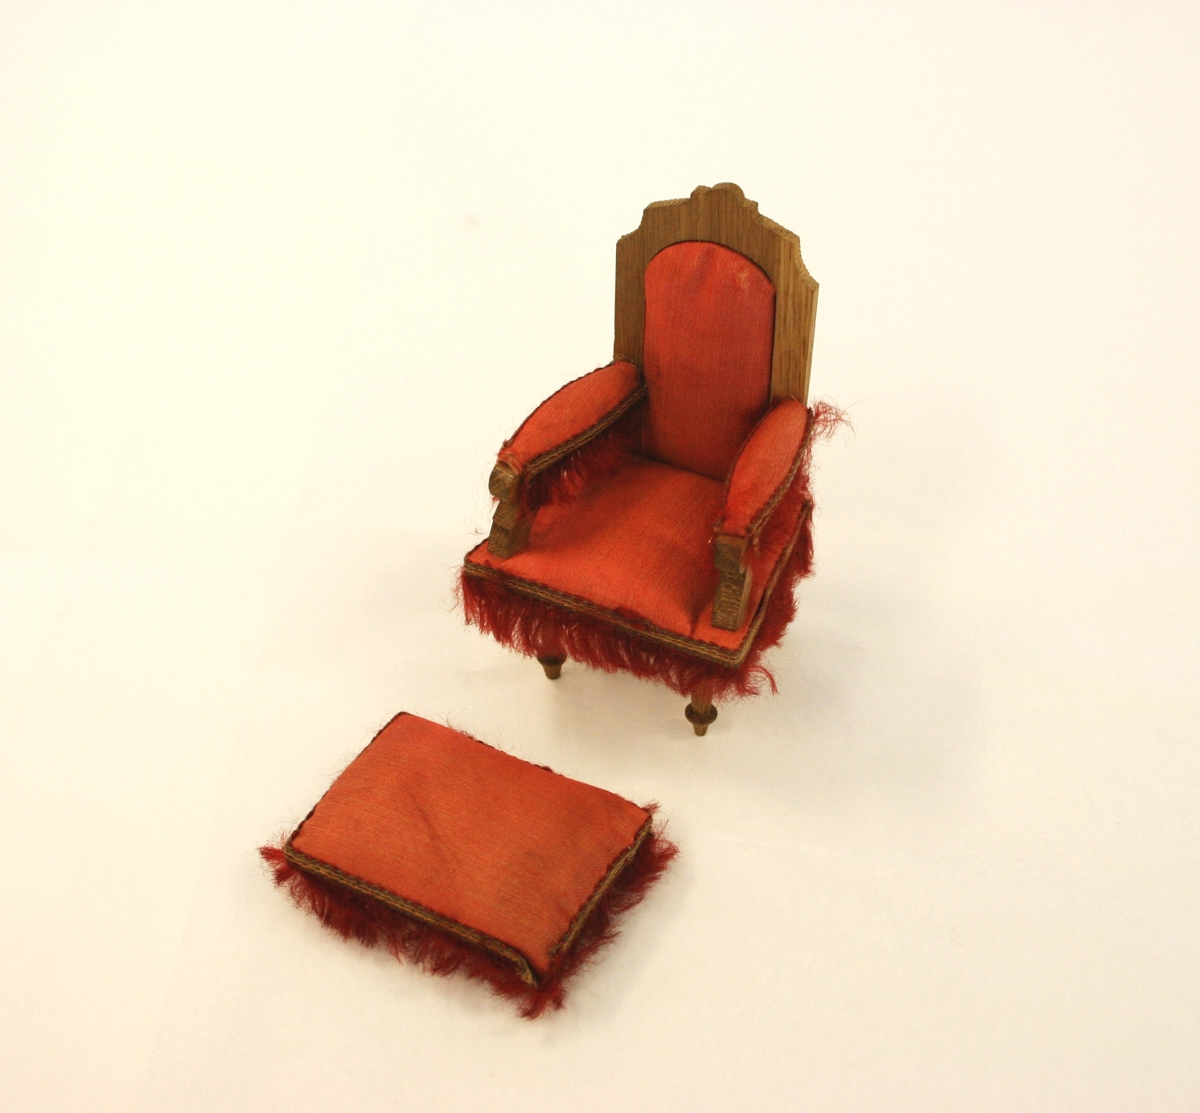 Dukkemøblement 9 deler:  A) Sofa i rødt silke på setet, rygg og armlener (lener med pøller). Høy rygg med utskjært toppgavl i tre. Røde frynser nederst i fronten, på sidene og røde dusker på pøllene.  B) Lenestol med frynser i front på sidene og på armlenene. Høy rygg med rødt silke på setet, ryggen og armlener.  C) Stol med rødt silke på setet og røde frynser rundt stolsetet. Dreide forben, høy, svunget rygg med løvsagarbeid. D) Bord i tre med avrunede sider, fire freide ben hvorav et ben er surret øverst i hvit bandasje.  E) Konsollspeil med marmorplate og gavl med trespir med fire lave kuleføtter. Speil med utskjært treramme. Dreide ben fra marmorplaten ned til understellet. F) Fotkrakk i rødt silke med røde frynser rundt hele. Nederst er fire lave kuleøftter.